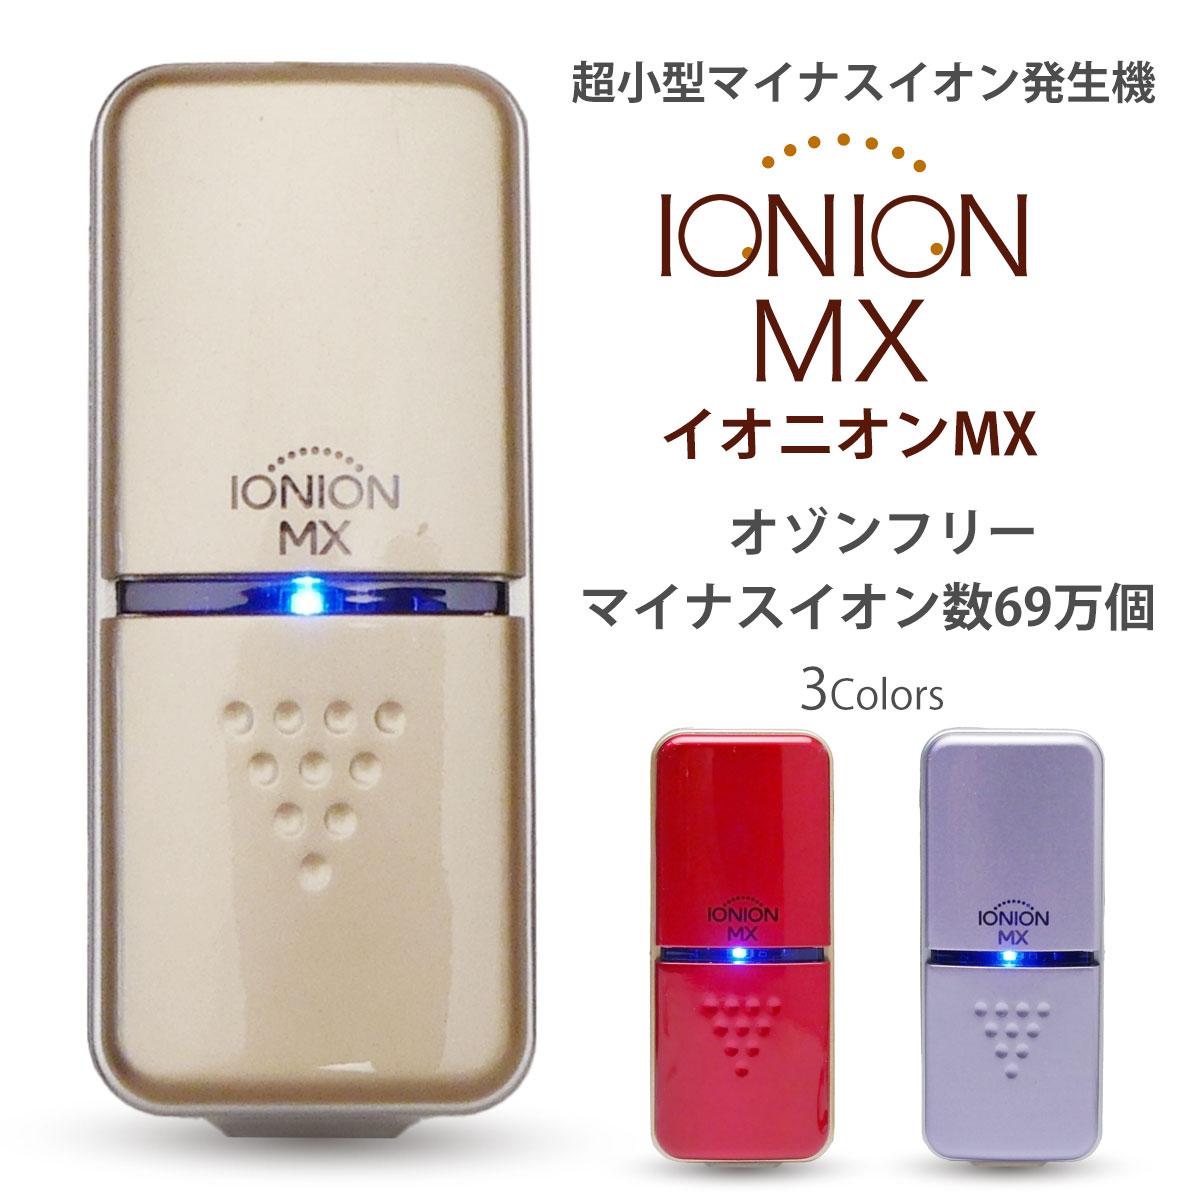 日本で唯一 日本機能性イオン協会のJIS規格でクラス5 スーパーSALE 激得クーポン配布中 IONION MX イオニオンMX 超小型 爆売り マイナスイオン発生器 3色 カラバリ ルビー 花粉 日本製 ラベンダー ストラップ付き 多機能 最強対策 送料無料でお届けします 車 シャンパンゴールドオゾンフリー 69万個 PM2.5 マイナスイオン 個人空間など